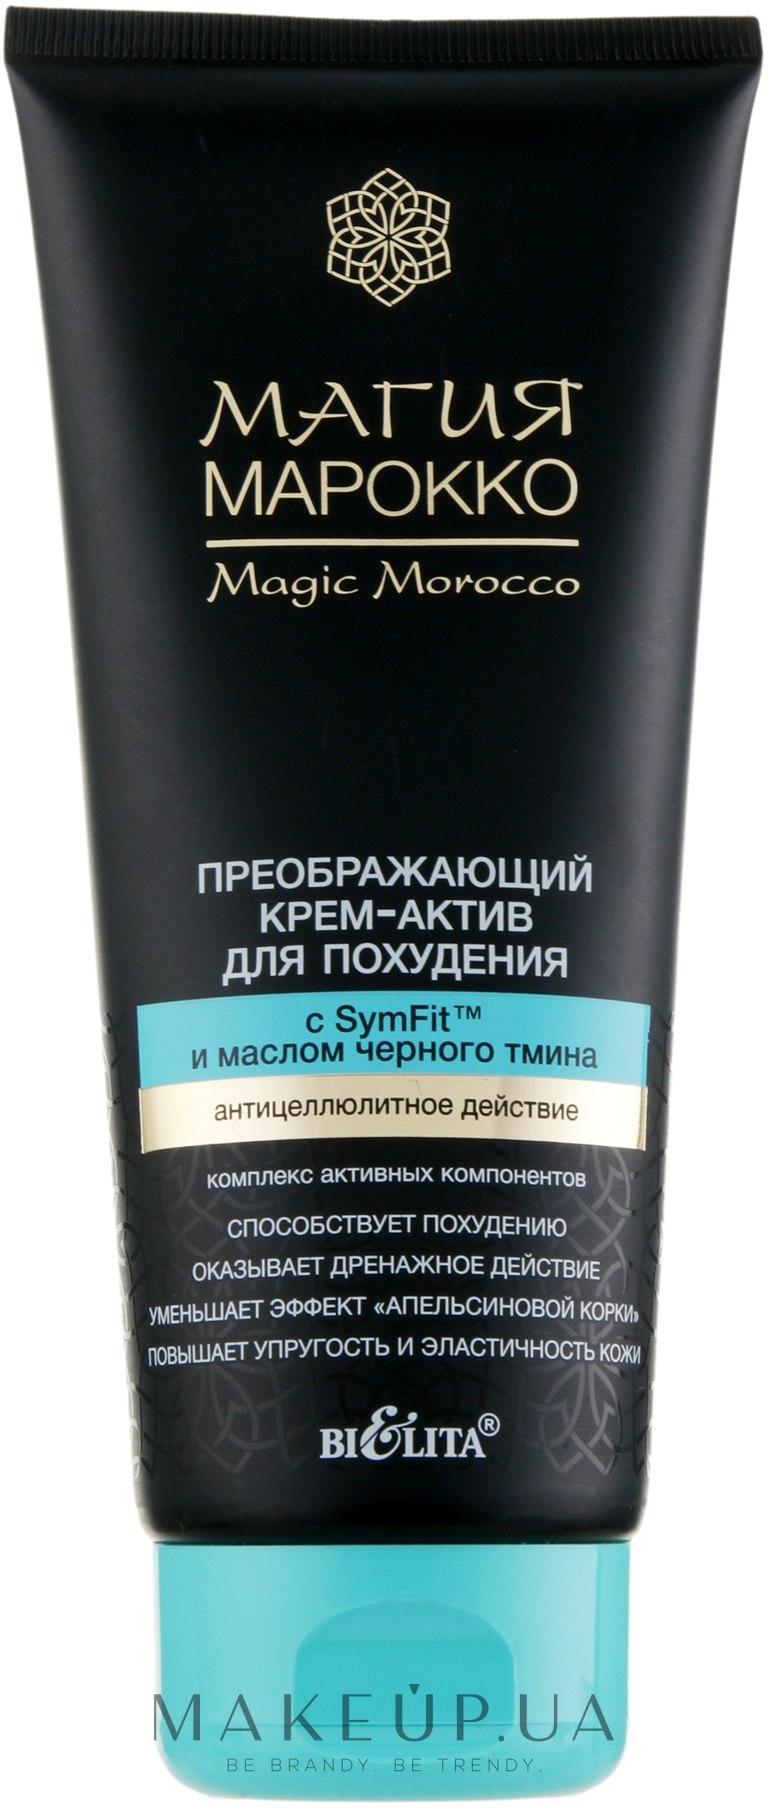 магия марокко крем для похудения отзывы